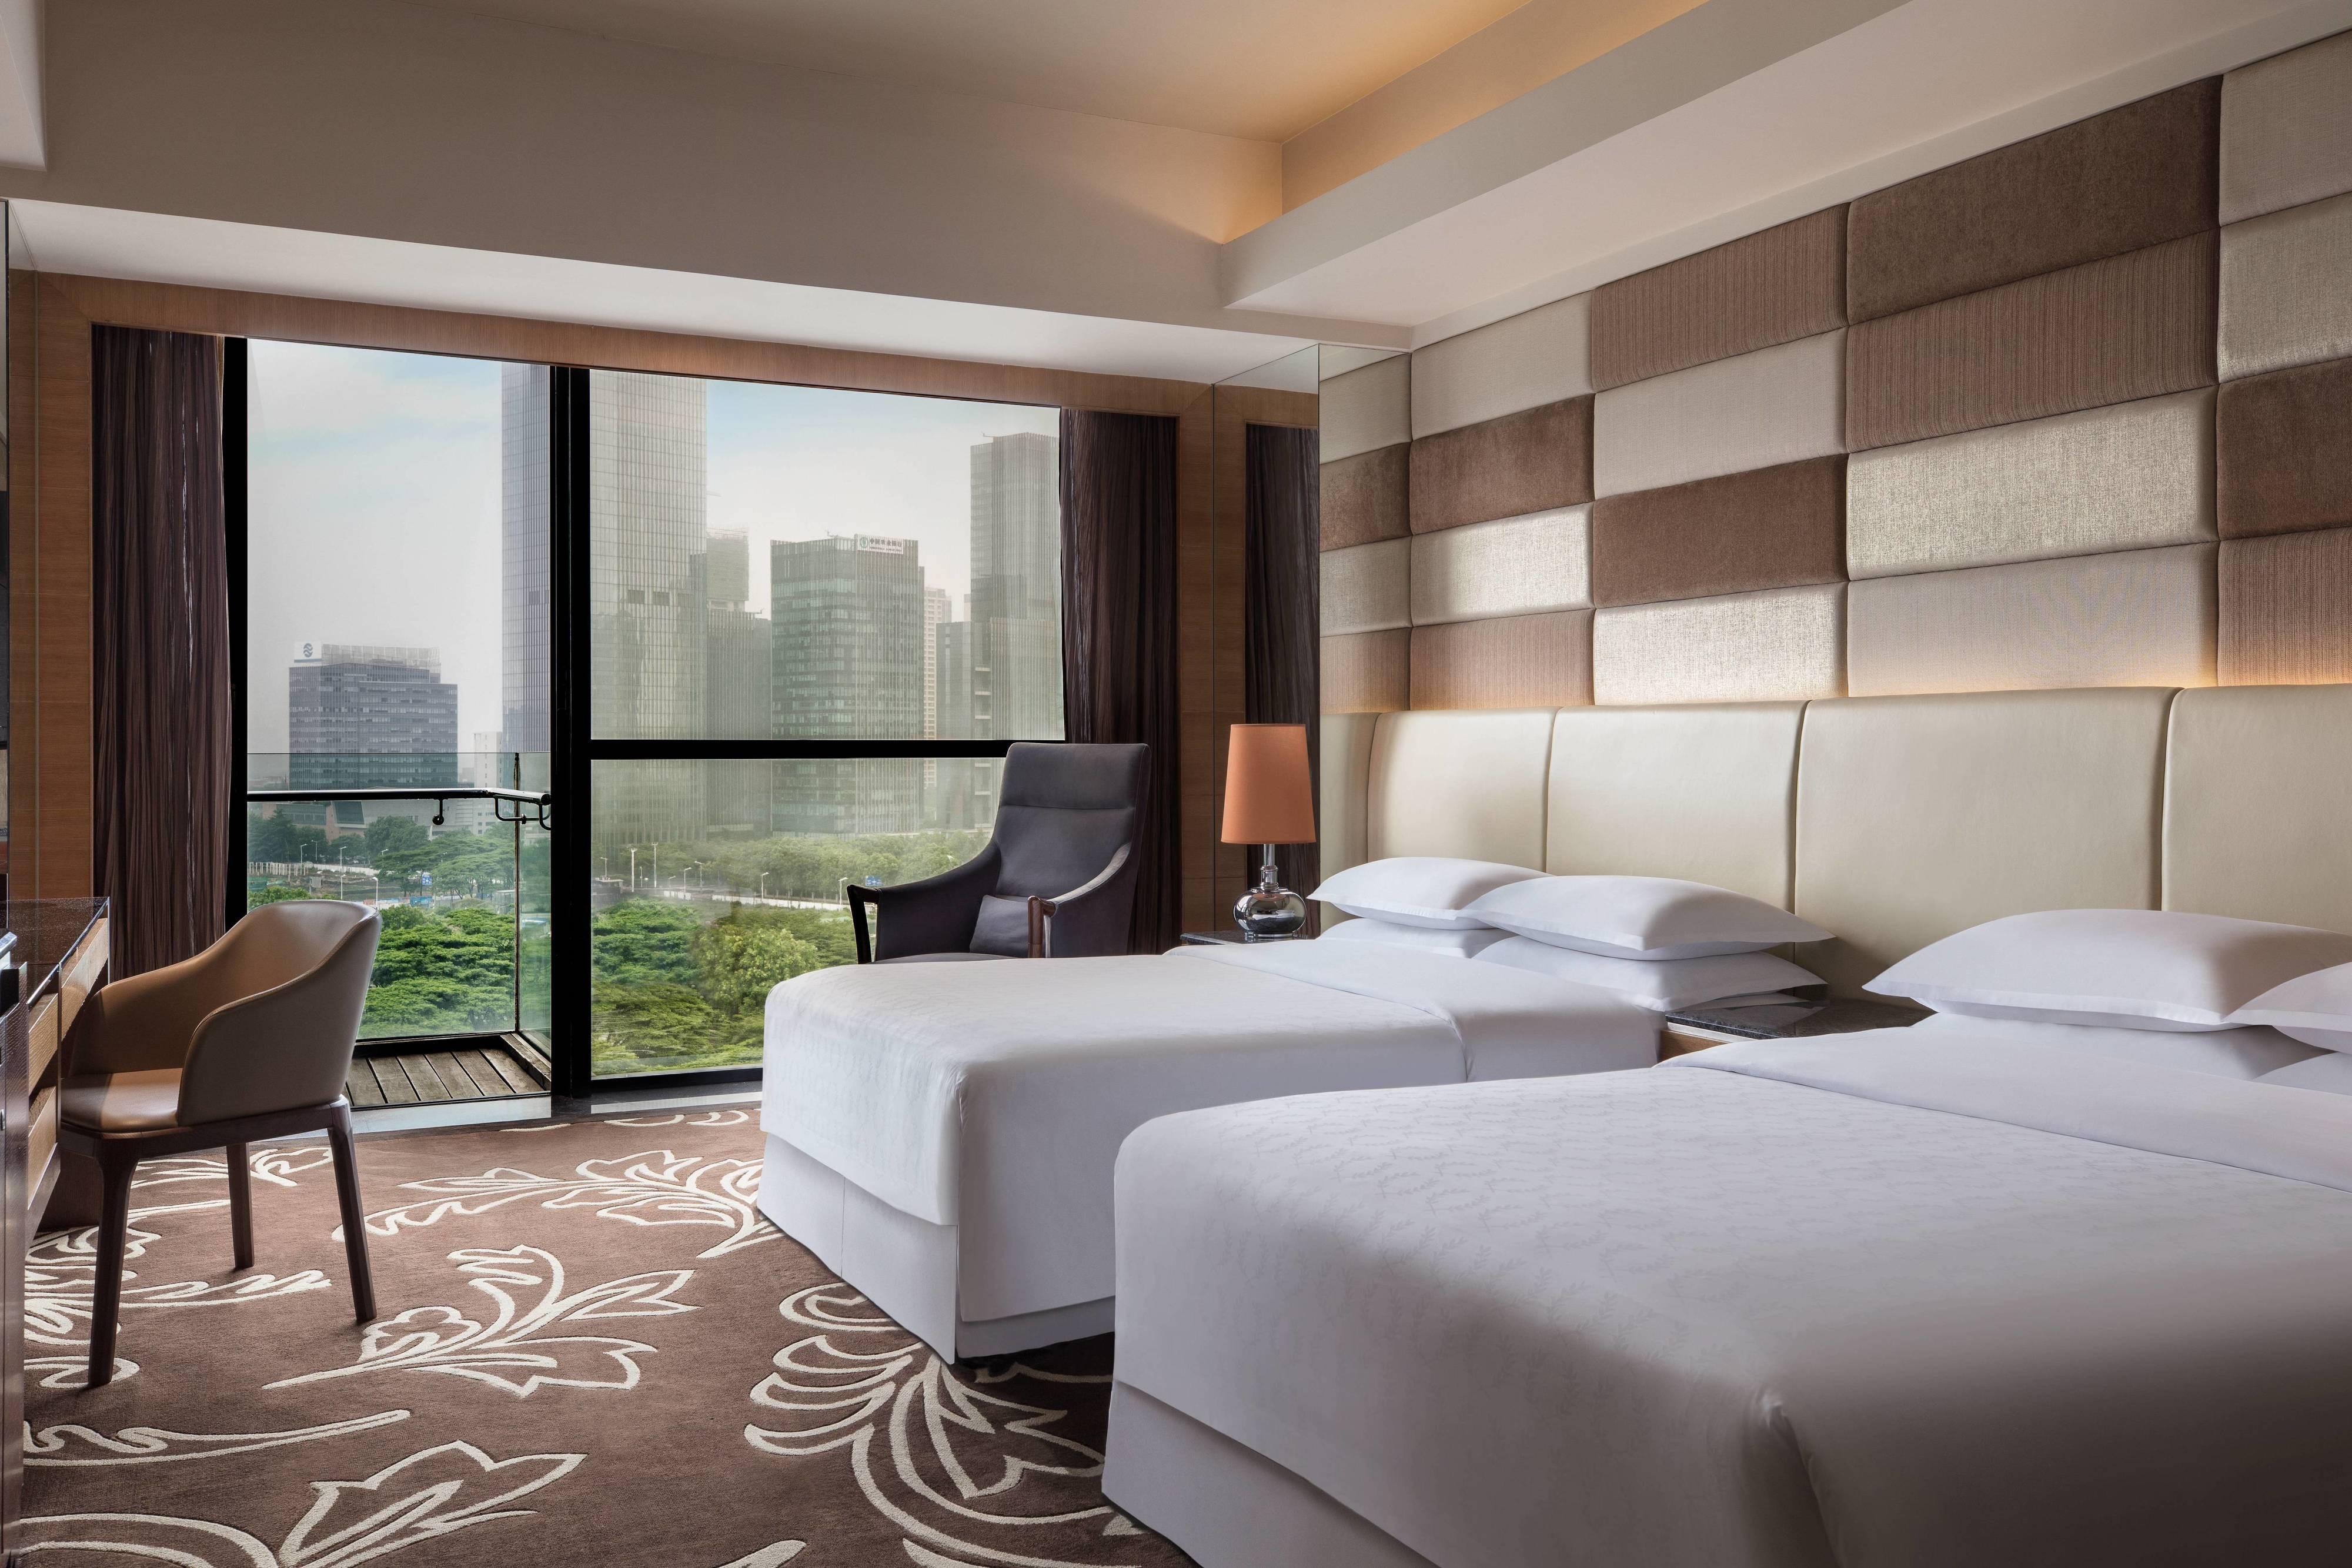 Deluxe Gästezimmer mit zwei Einzelbetten und Stadtblick